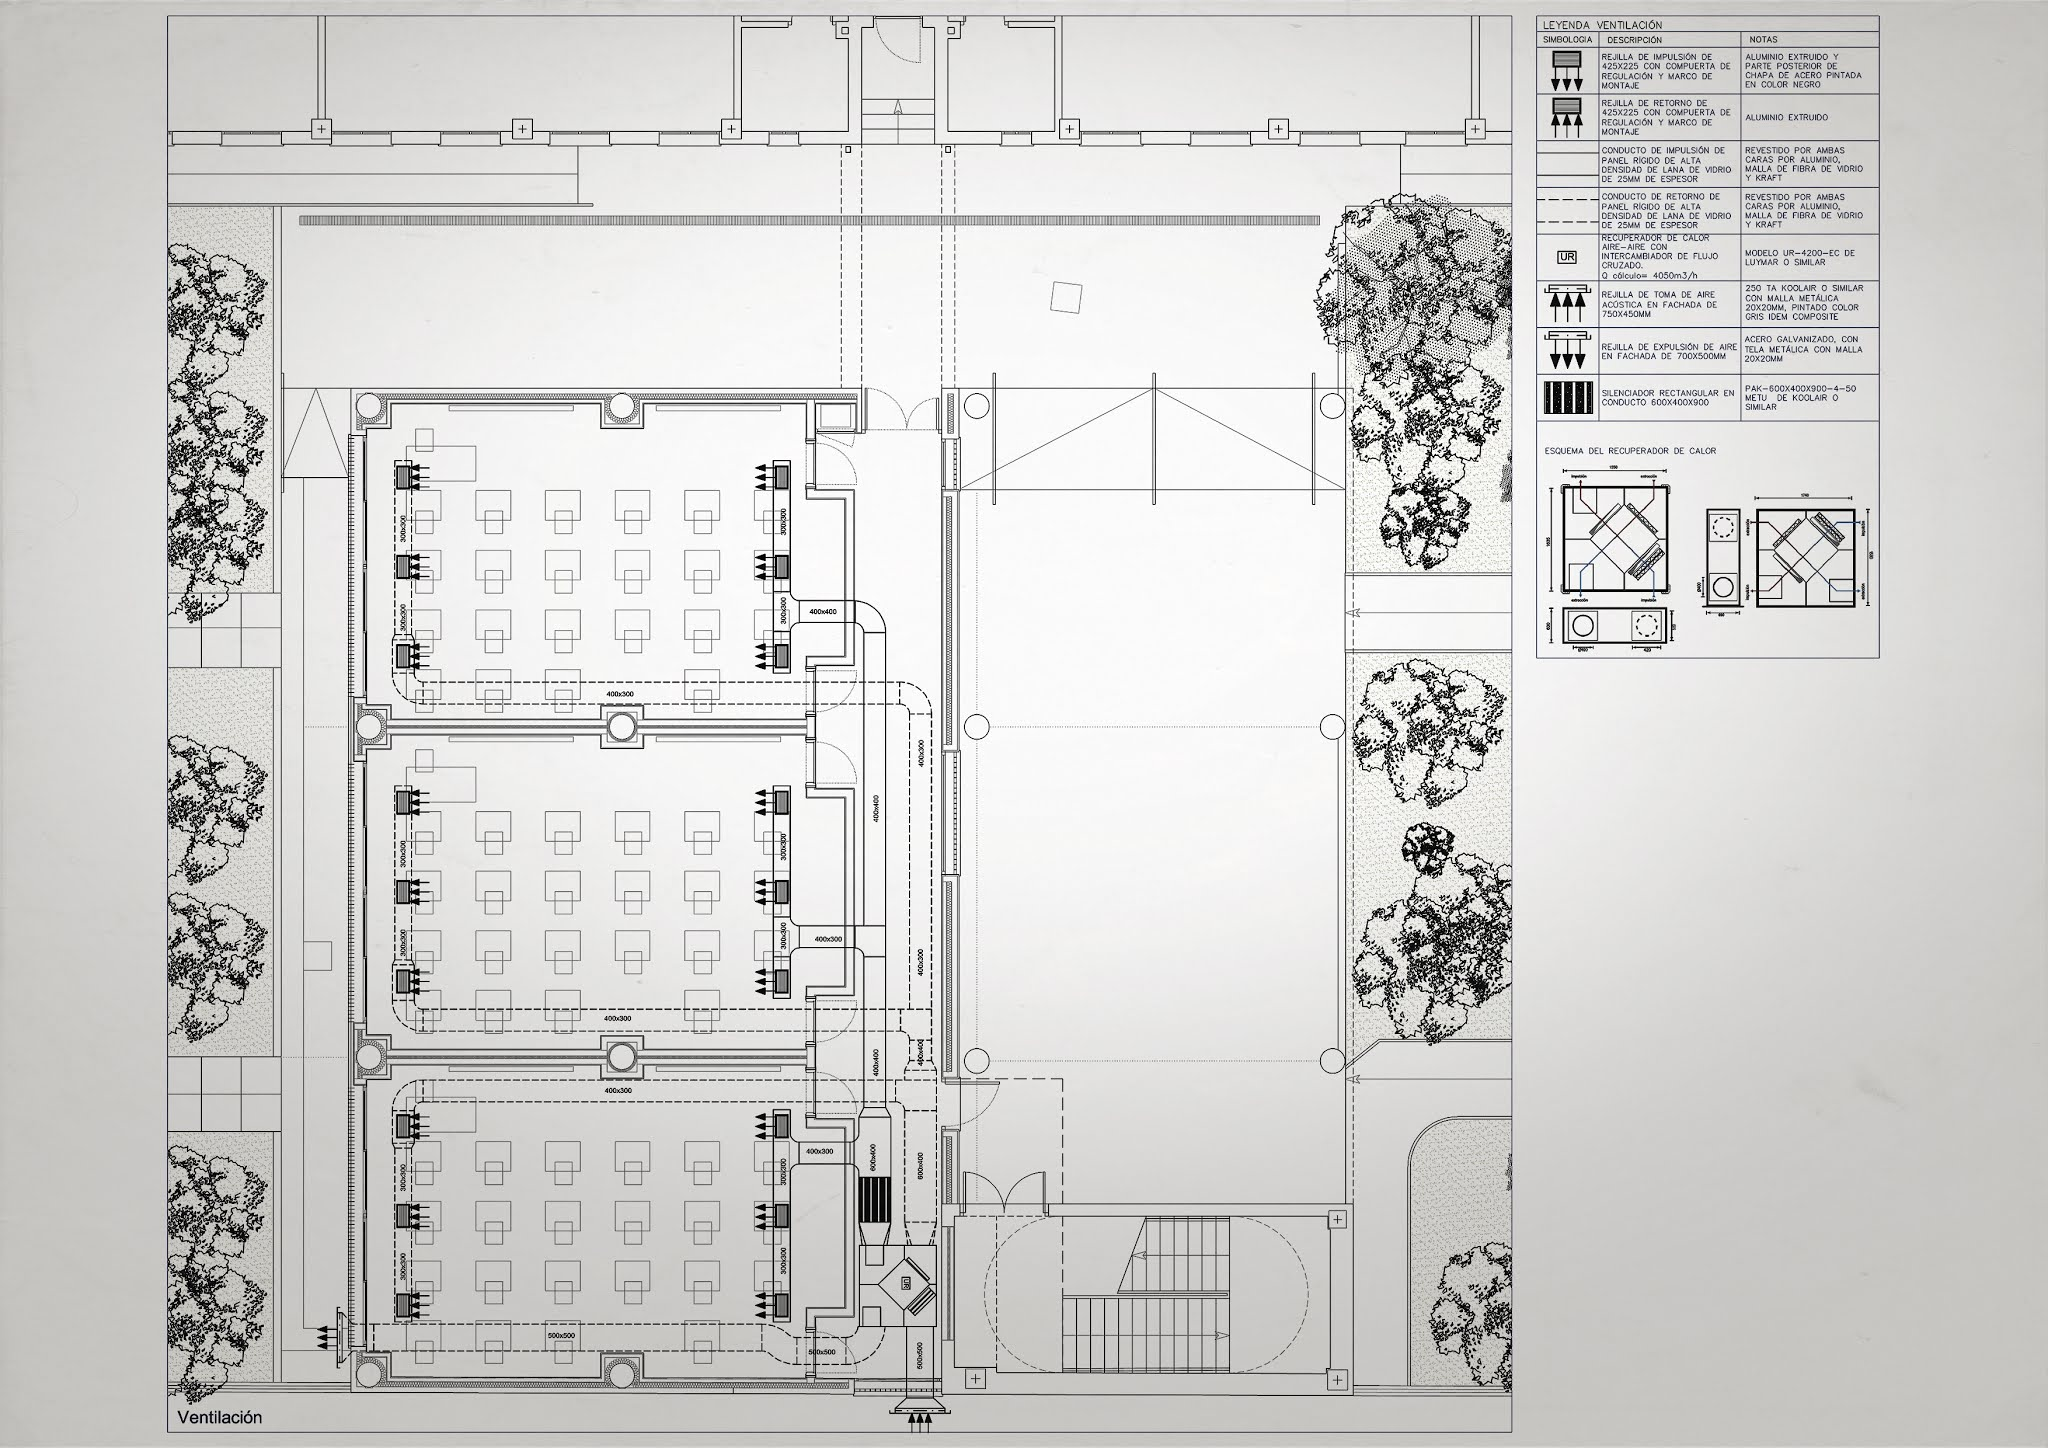 LACAL arquitectura. Arquitectos Granada. Javier Antonio Ros López, arquitecto. Daniel Cano Expósito, arquitecto. Ampliación de IES Alhendín. Instalación de Ventilación.